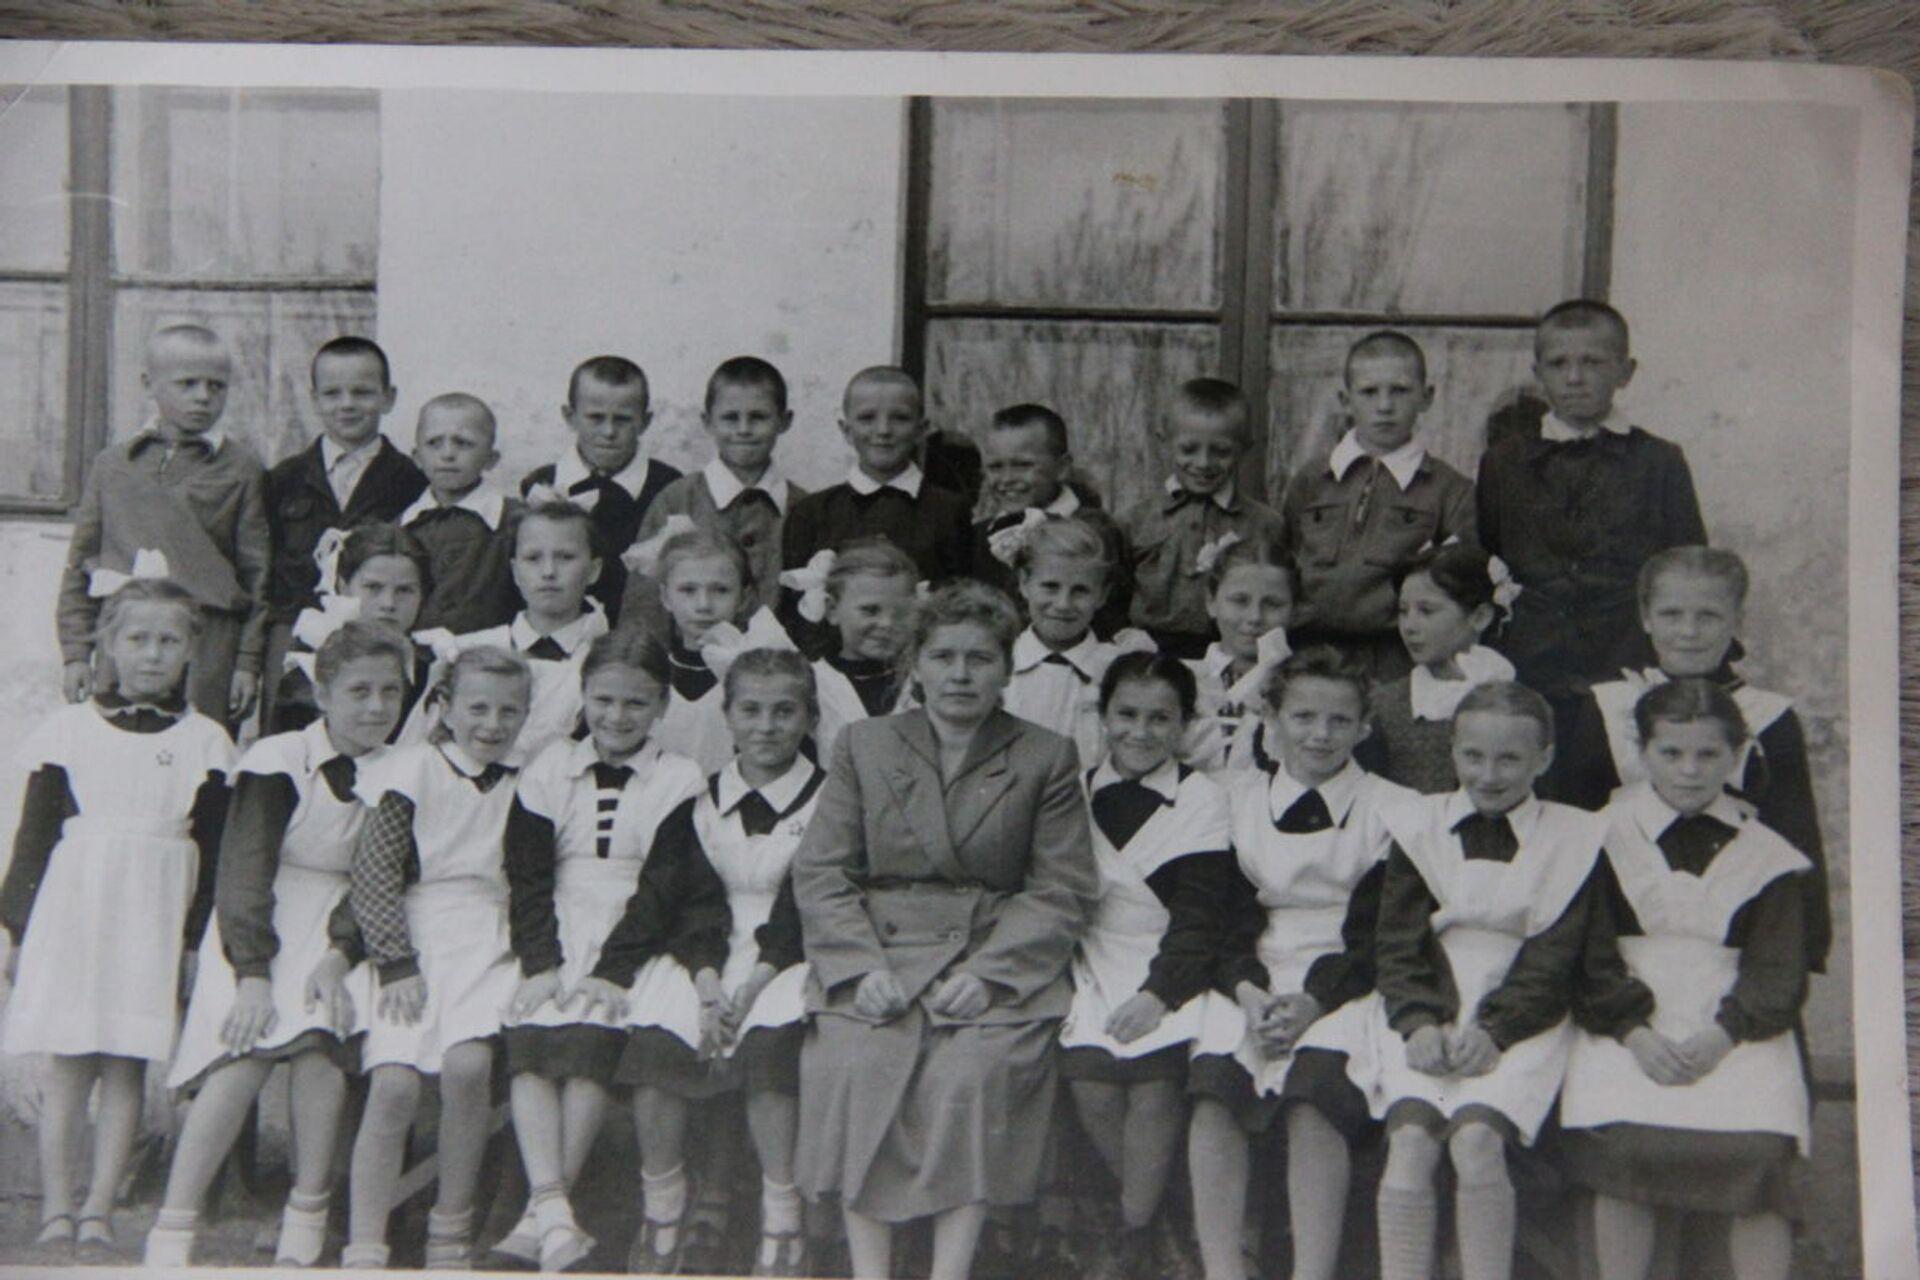 Учительница-партизанка со своим классом. Фото сделано в сентябре 1945-го - Sputnik Беларусь, 1920, 29.06.2021